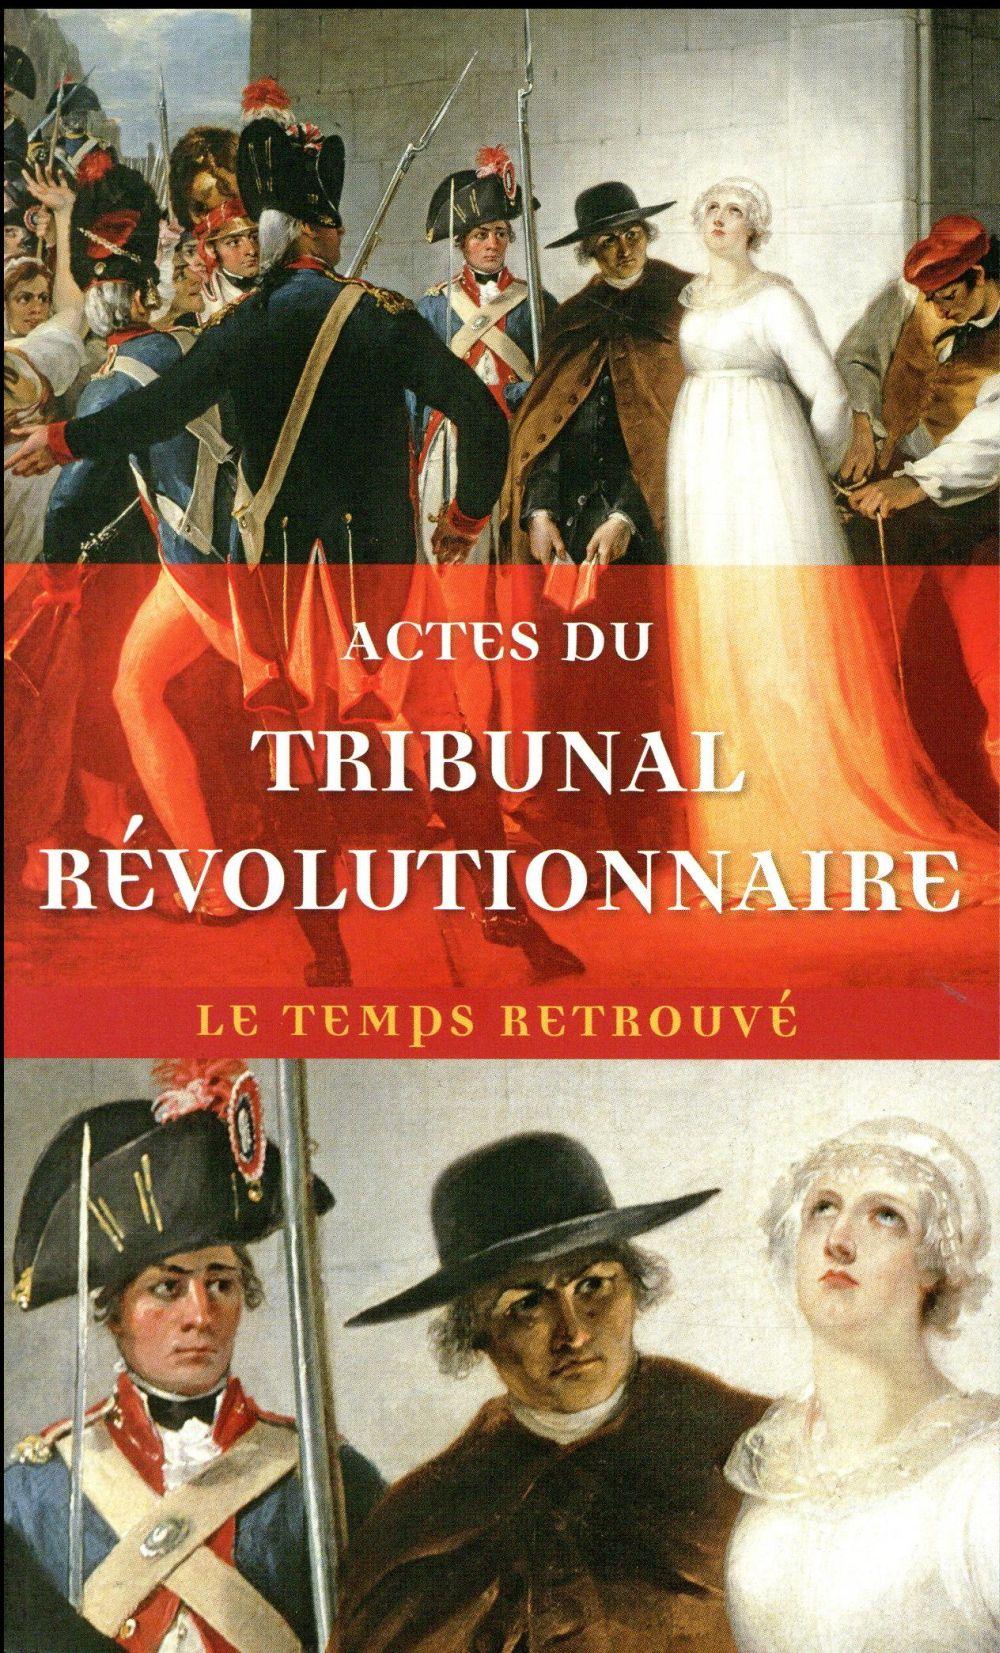 Actes du tribunal révolutionnaire